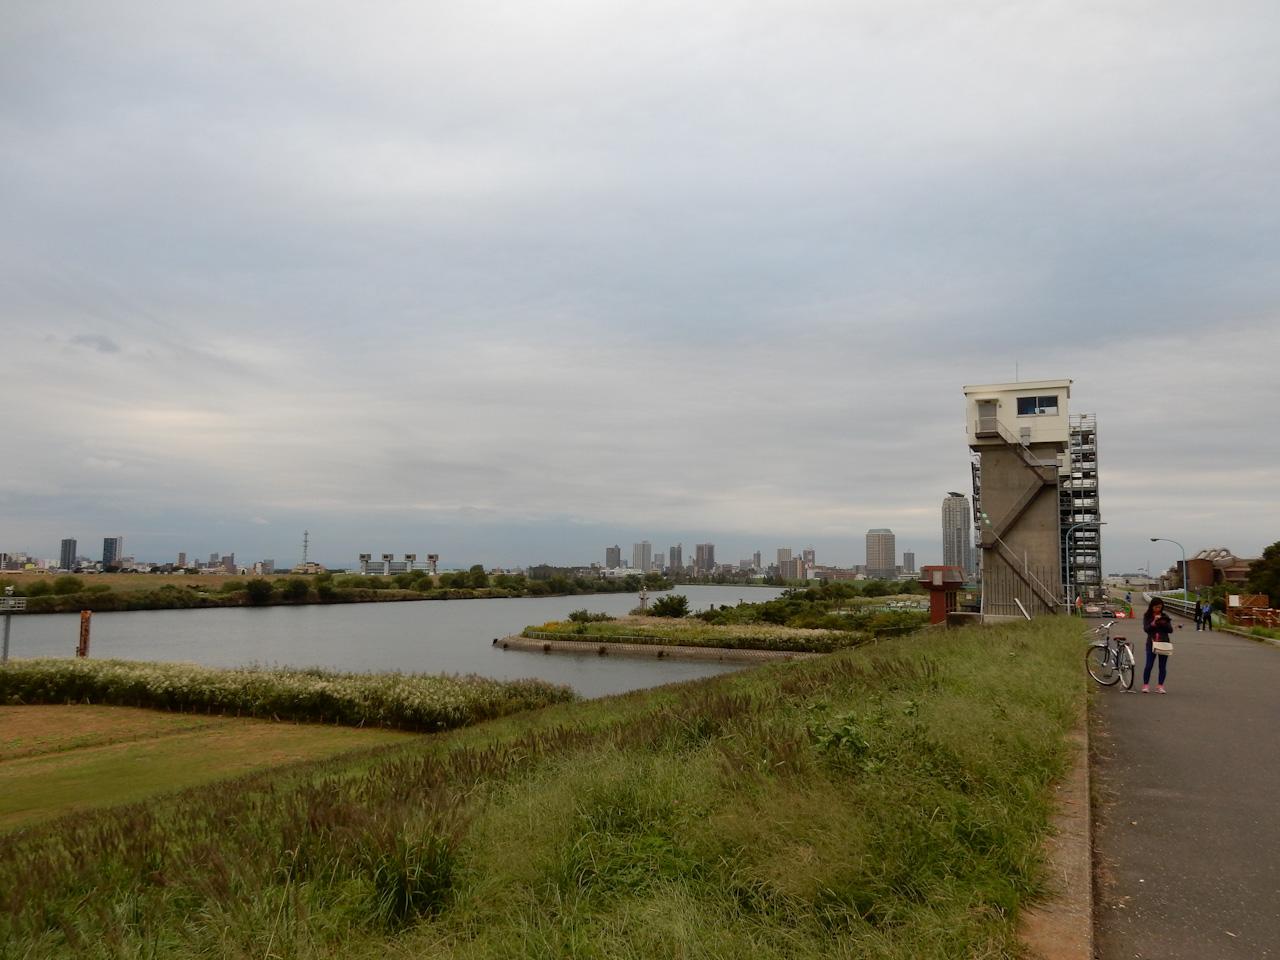 荒サイ 都市農業公園